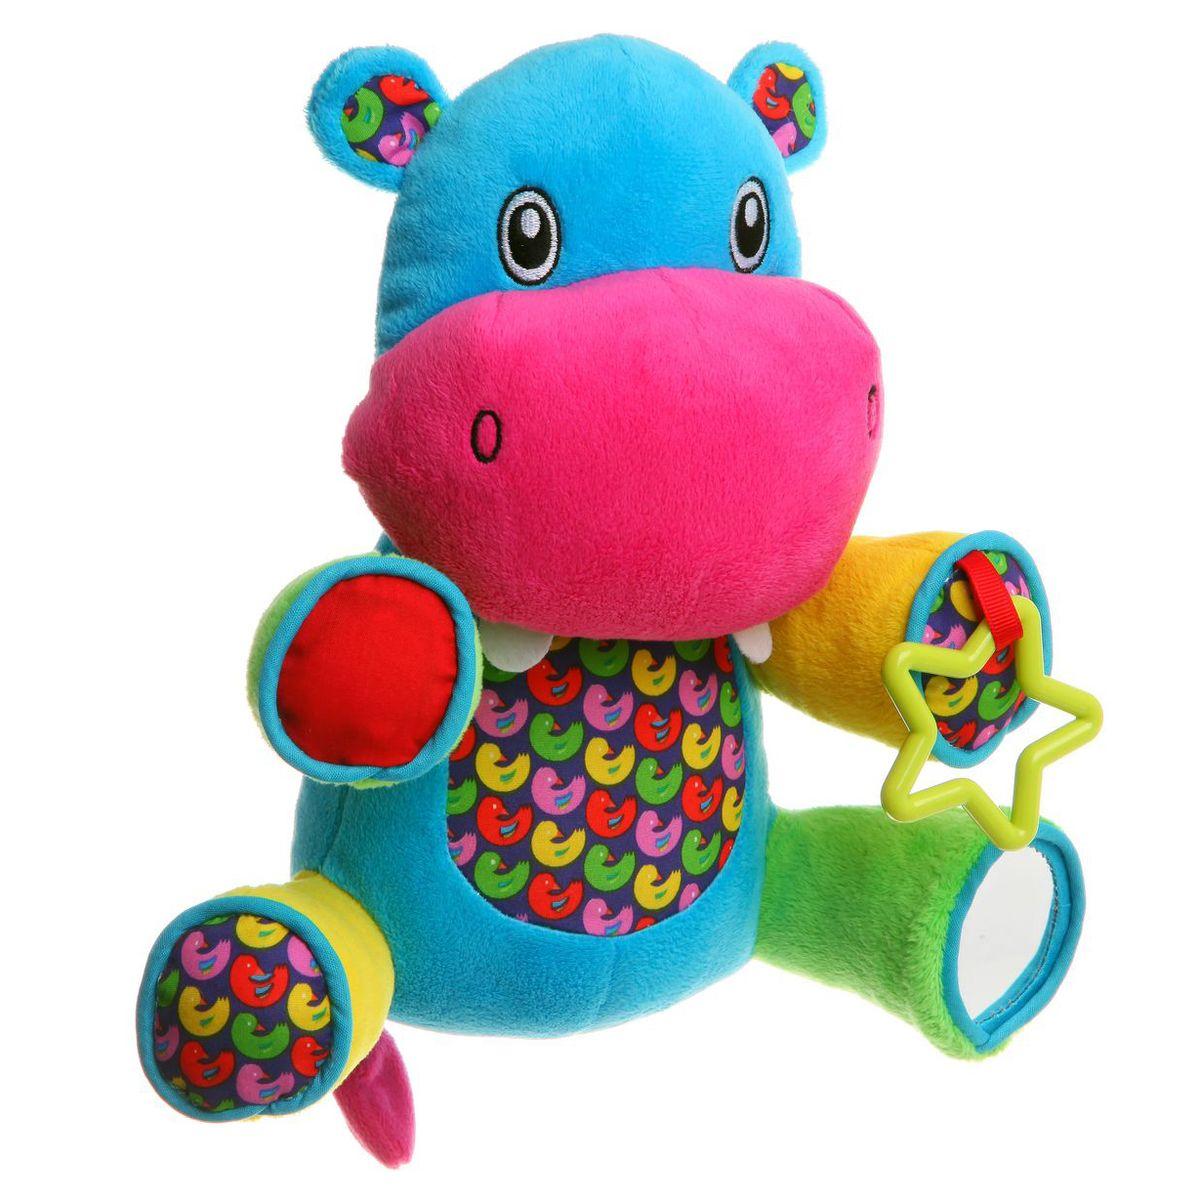 Bondibon Мягкая развивающая игрушка БегемотВВ1282Мягкие развивающие игрушки становятся для малышей первым источником информации об окружающем мире. С их помощью ребенок учится различать цвета, отличать на ощупь различную фактуру поверхностей. Игрушка Бегемот поможет вашему ребенку получить первые необычные ощущения: левая нижняя лапка служит погремушкой и издает звук, если ее потрясти. На правой нижней лапке расположено безопасное зеркало, а на левой верхней – игрушечная пластиковая звезда.